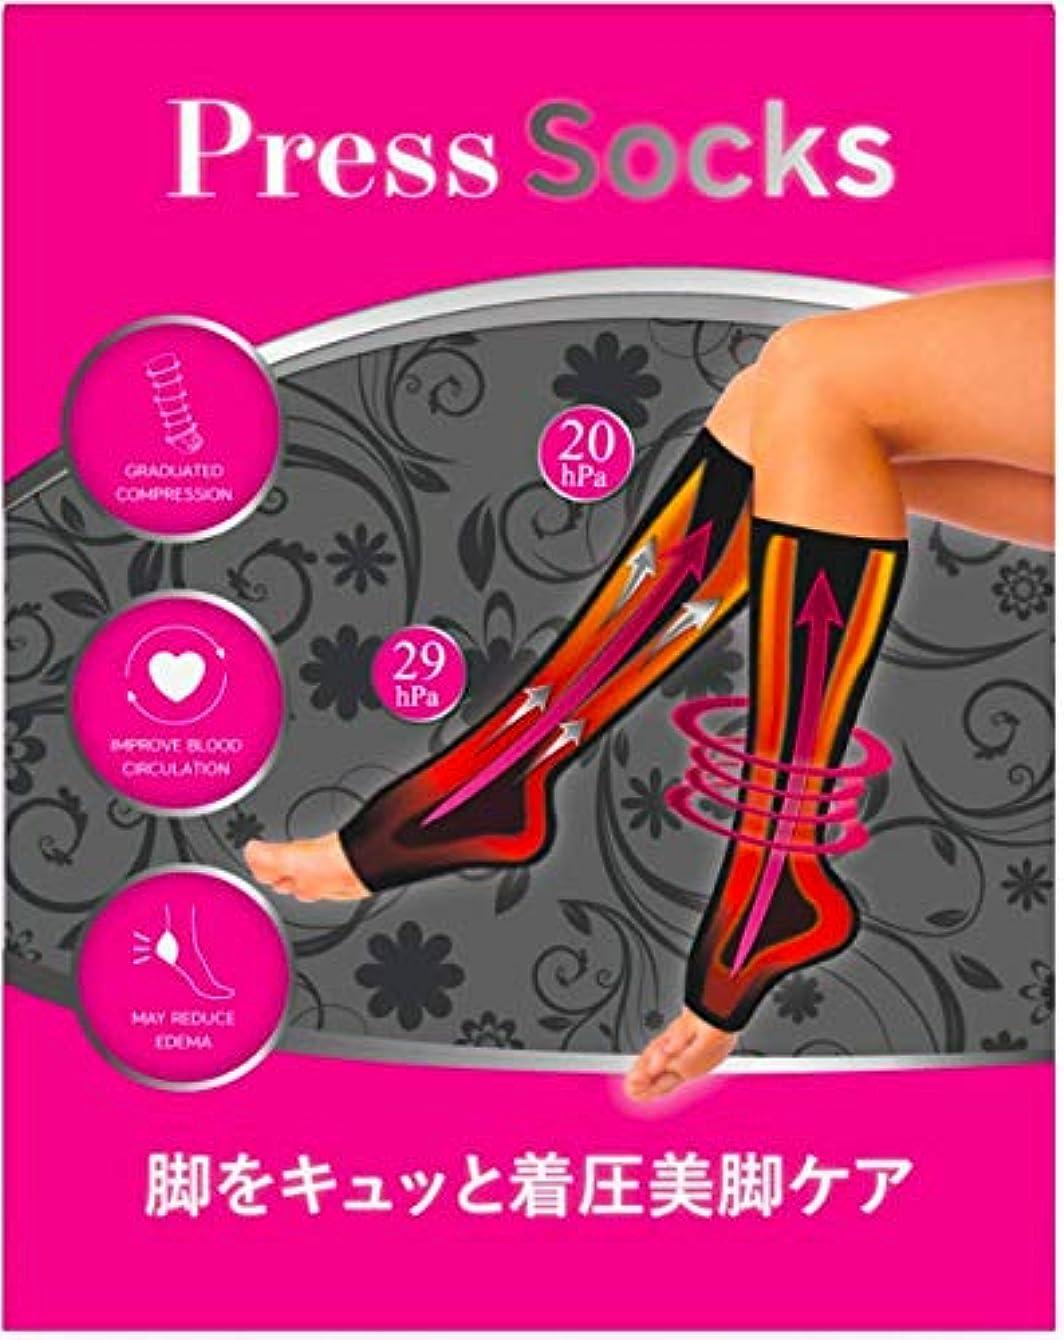 タオル懲戒人生を作る【PRESS SOCKS】 着圧ソックス 加圧 脚やせ 美脚 むくみ (S/M)